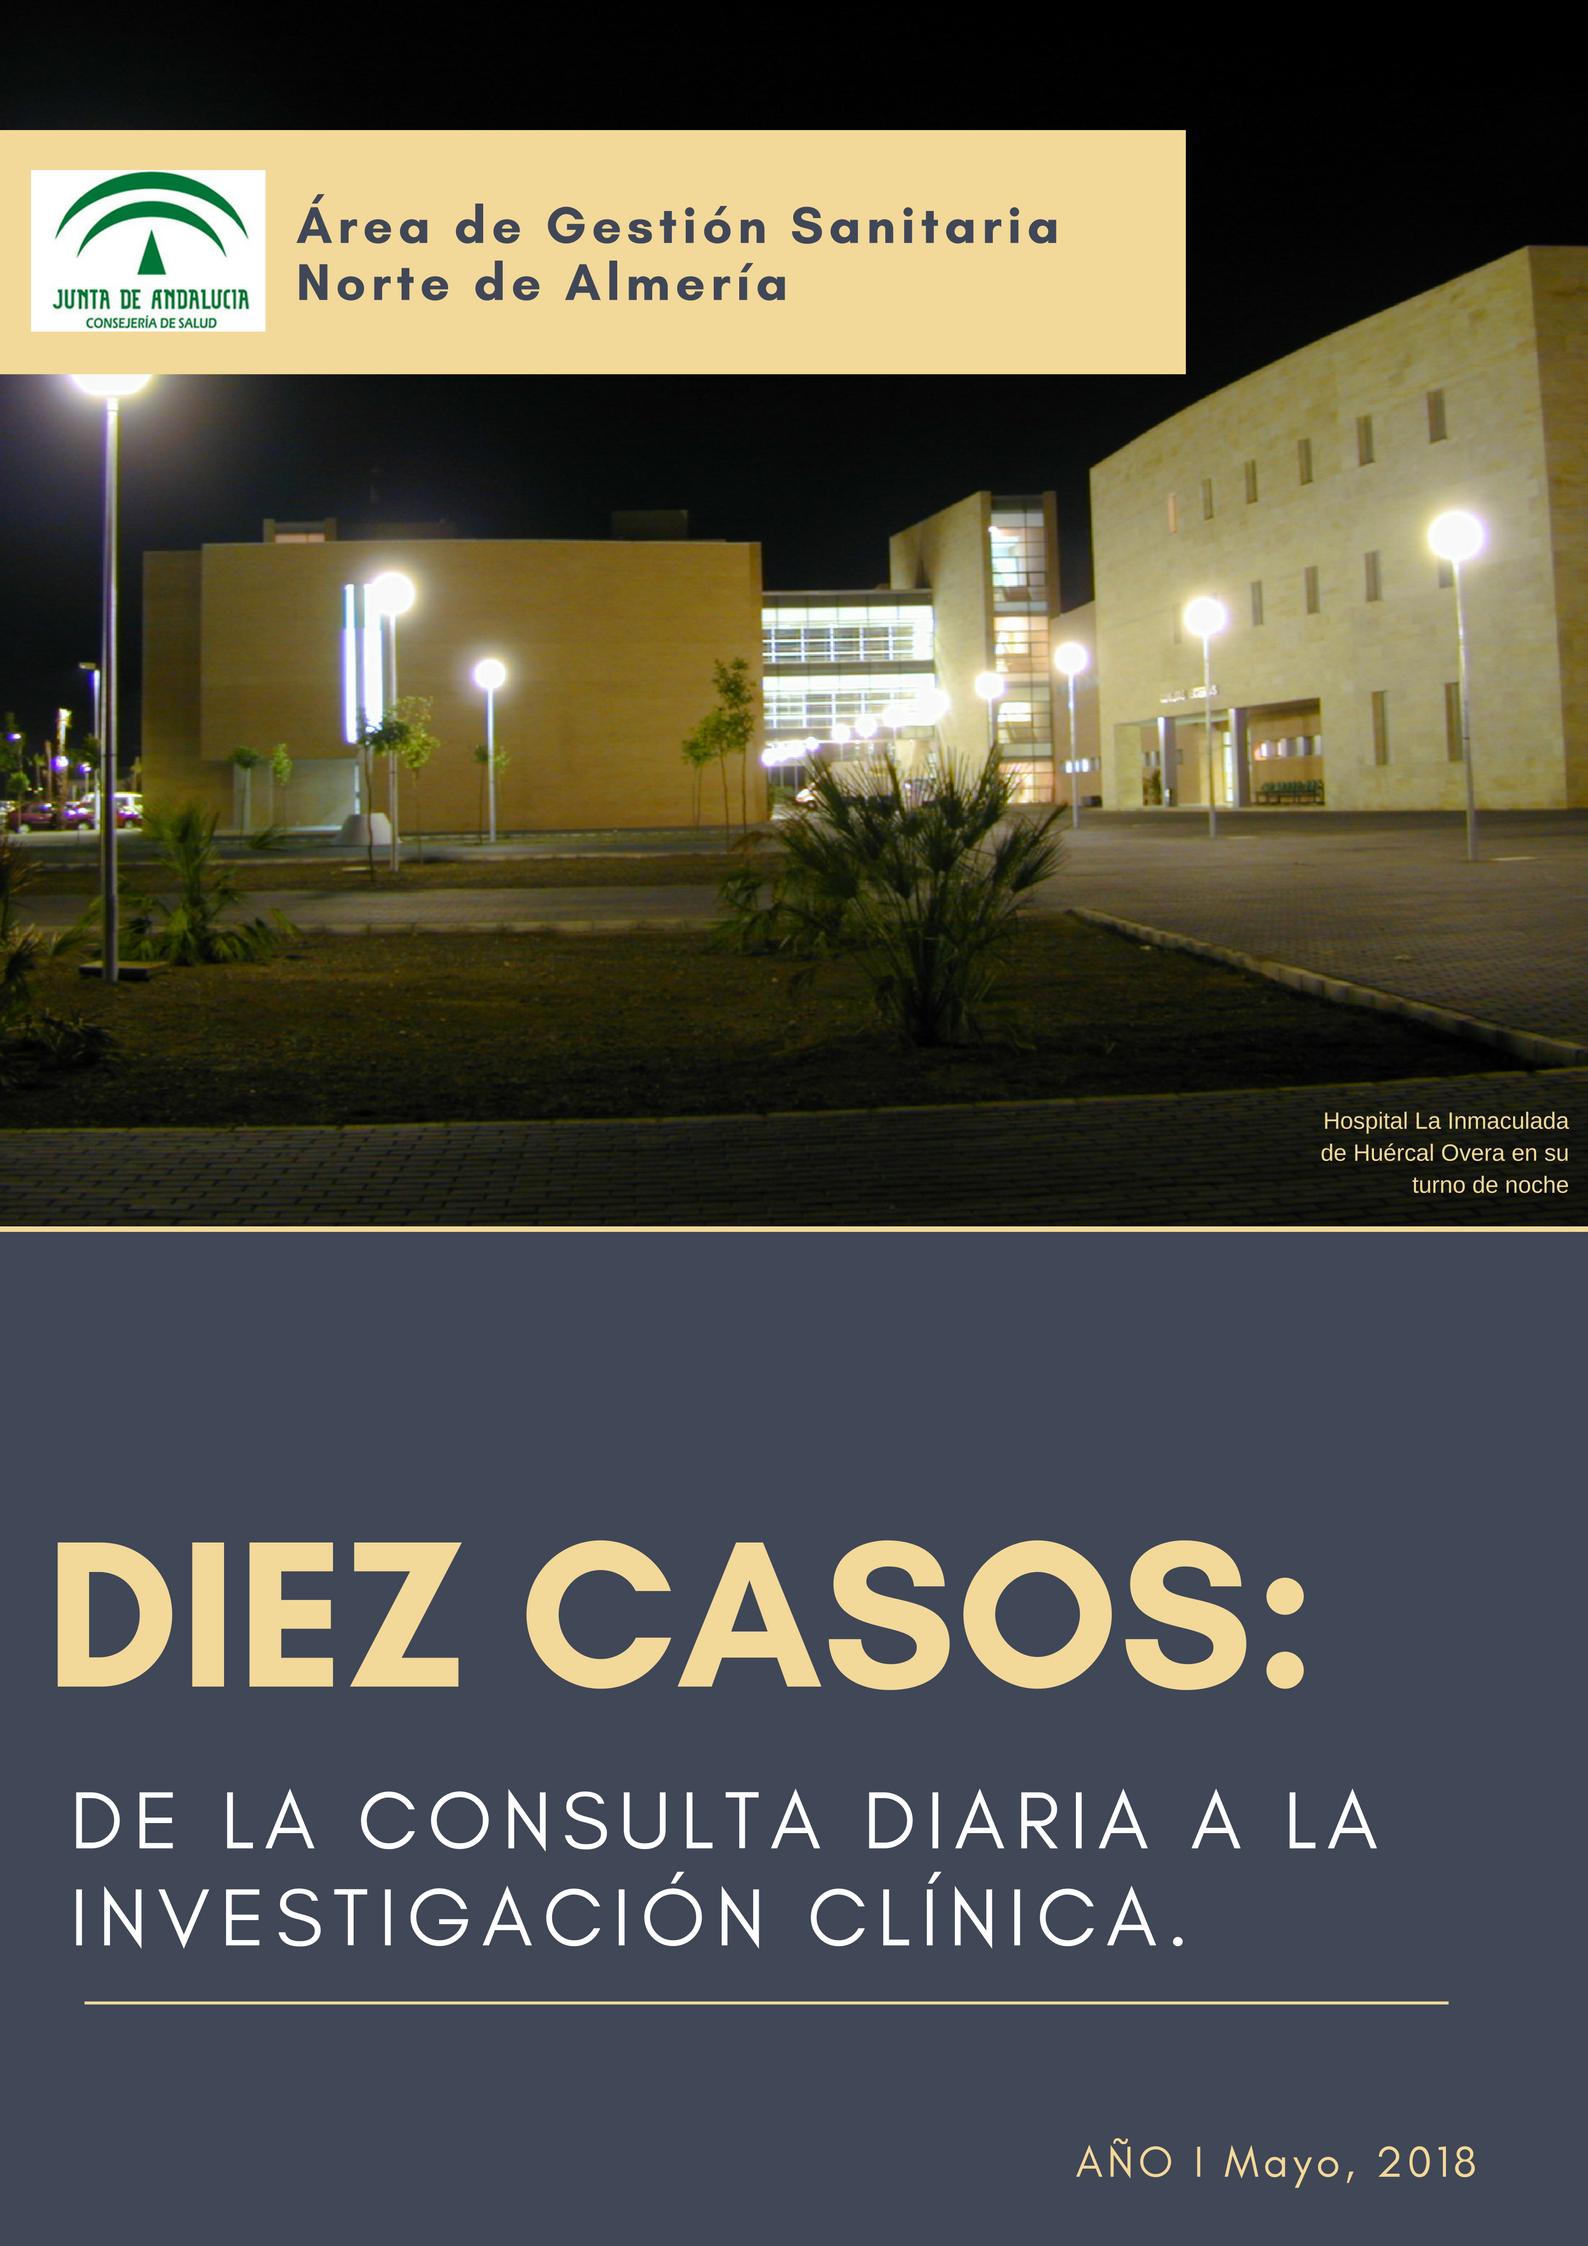 Diez casos: De la consulta diaria a la investigación clínica